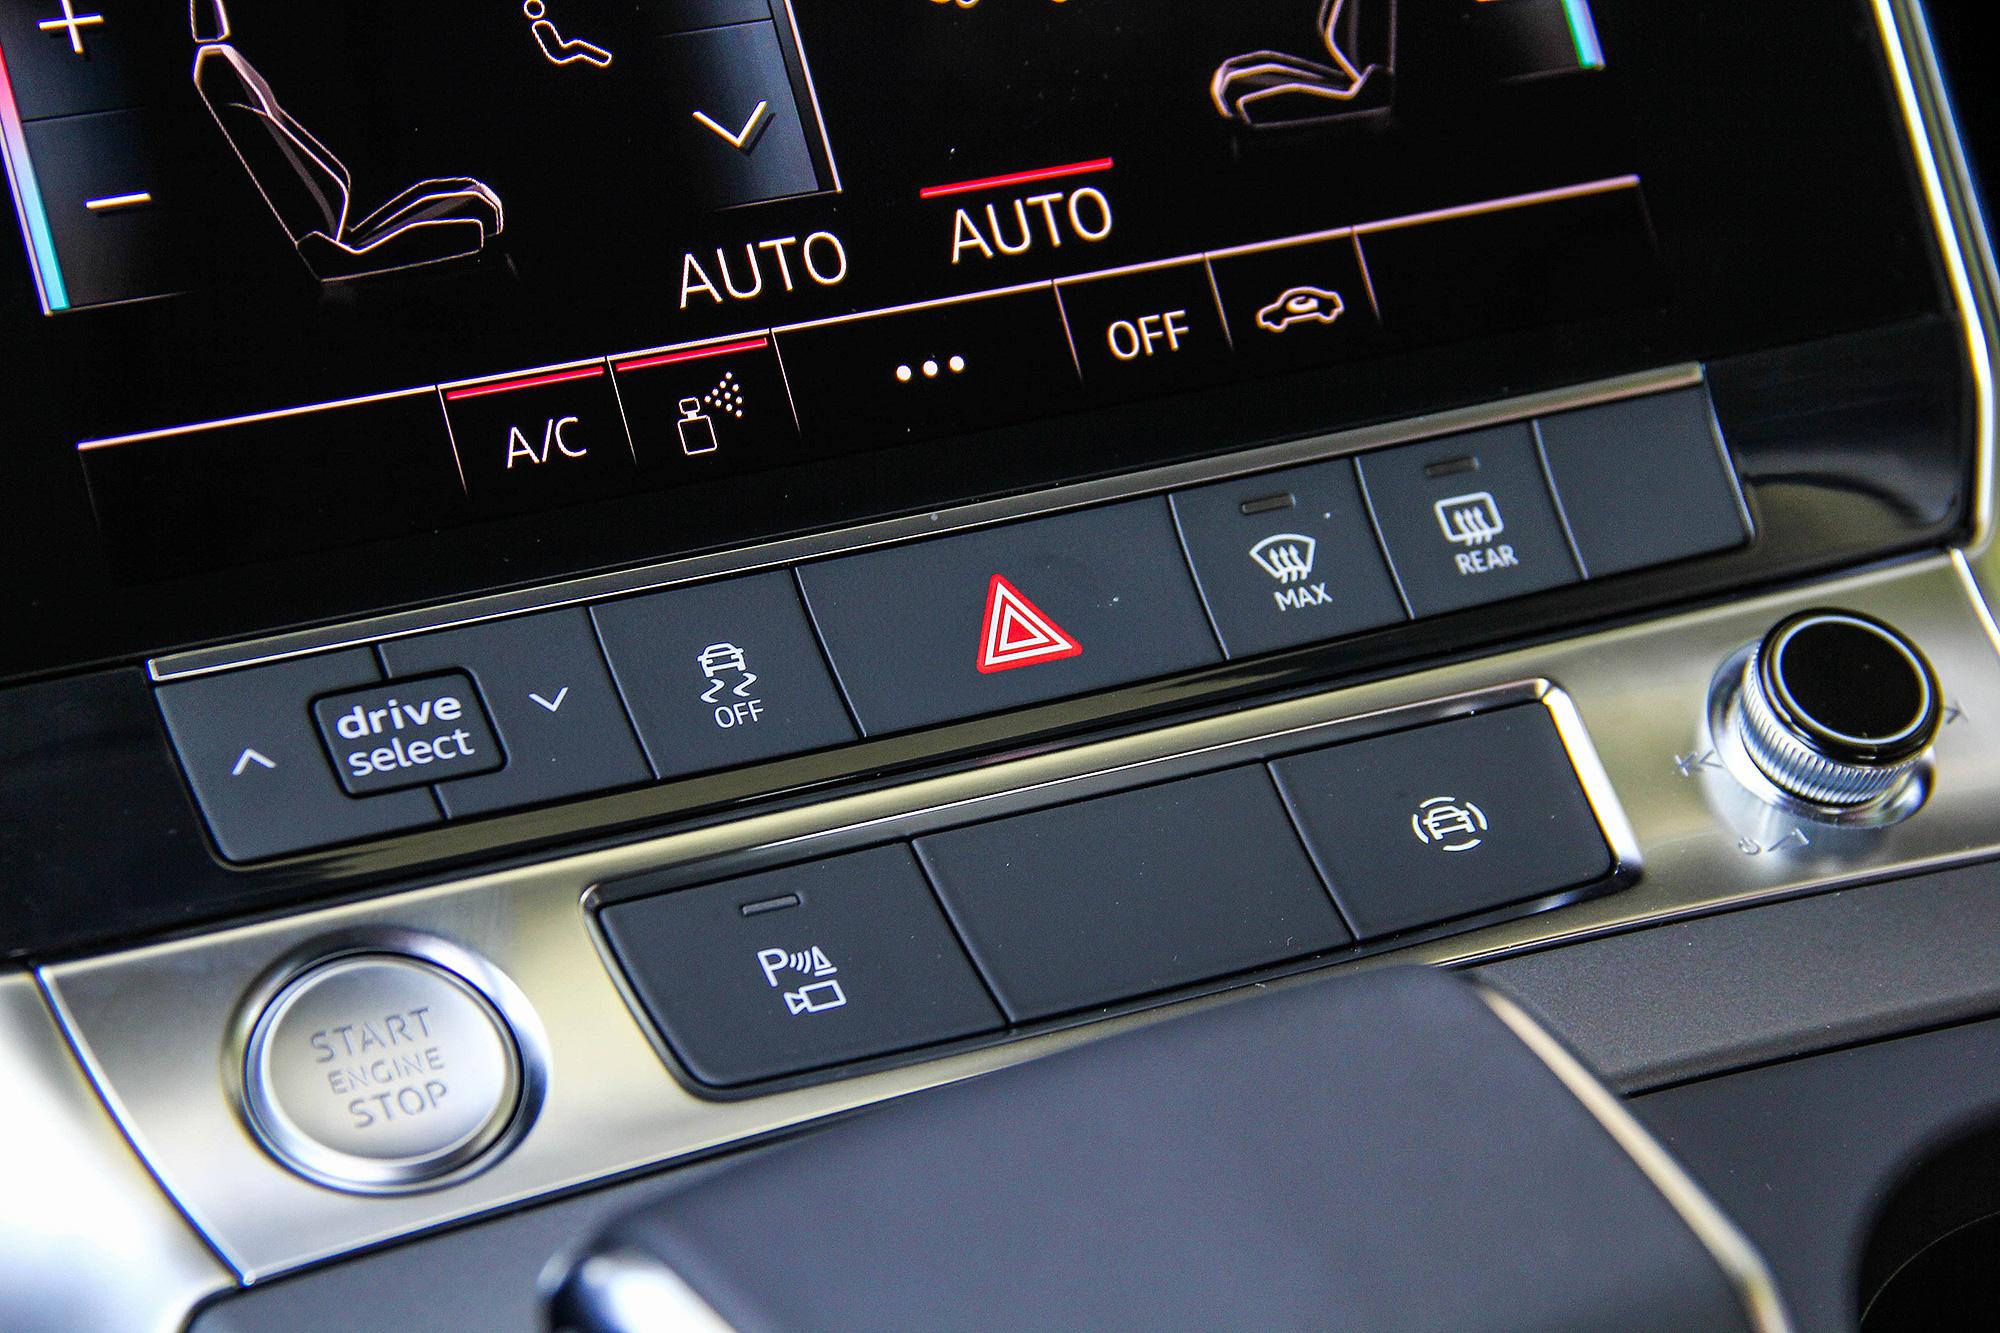 ADAS 系統可透過排檔座鞍部前的快捷按鈕切換。